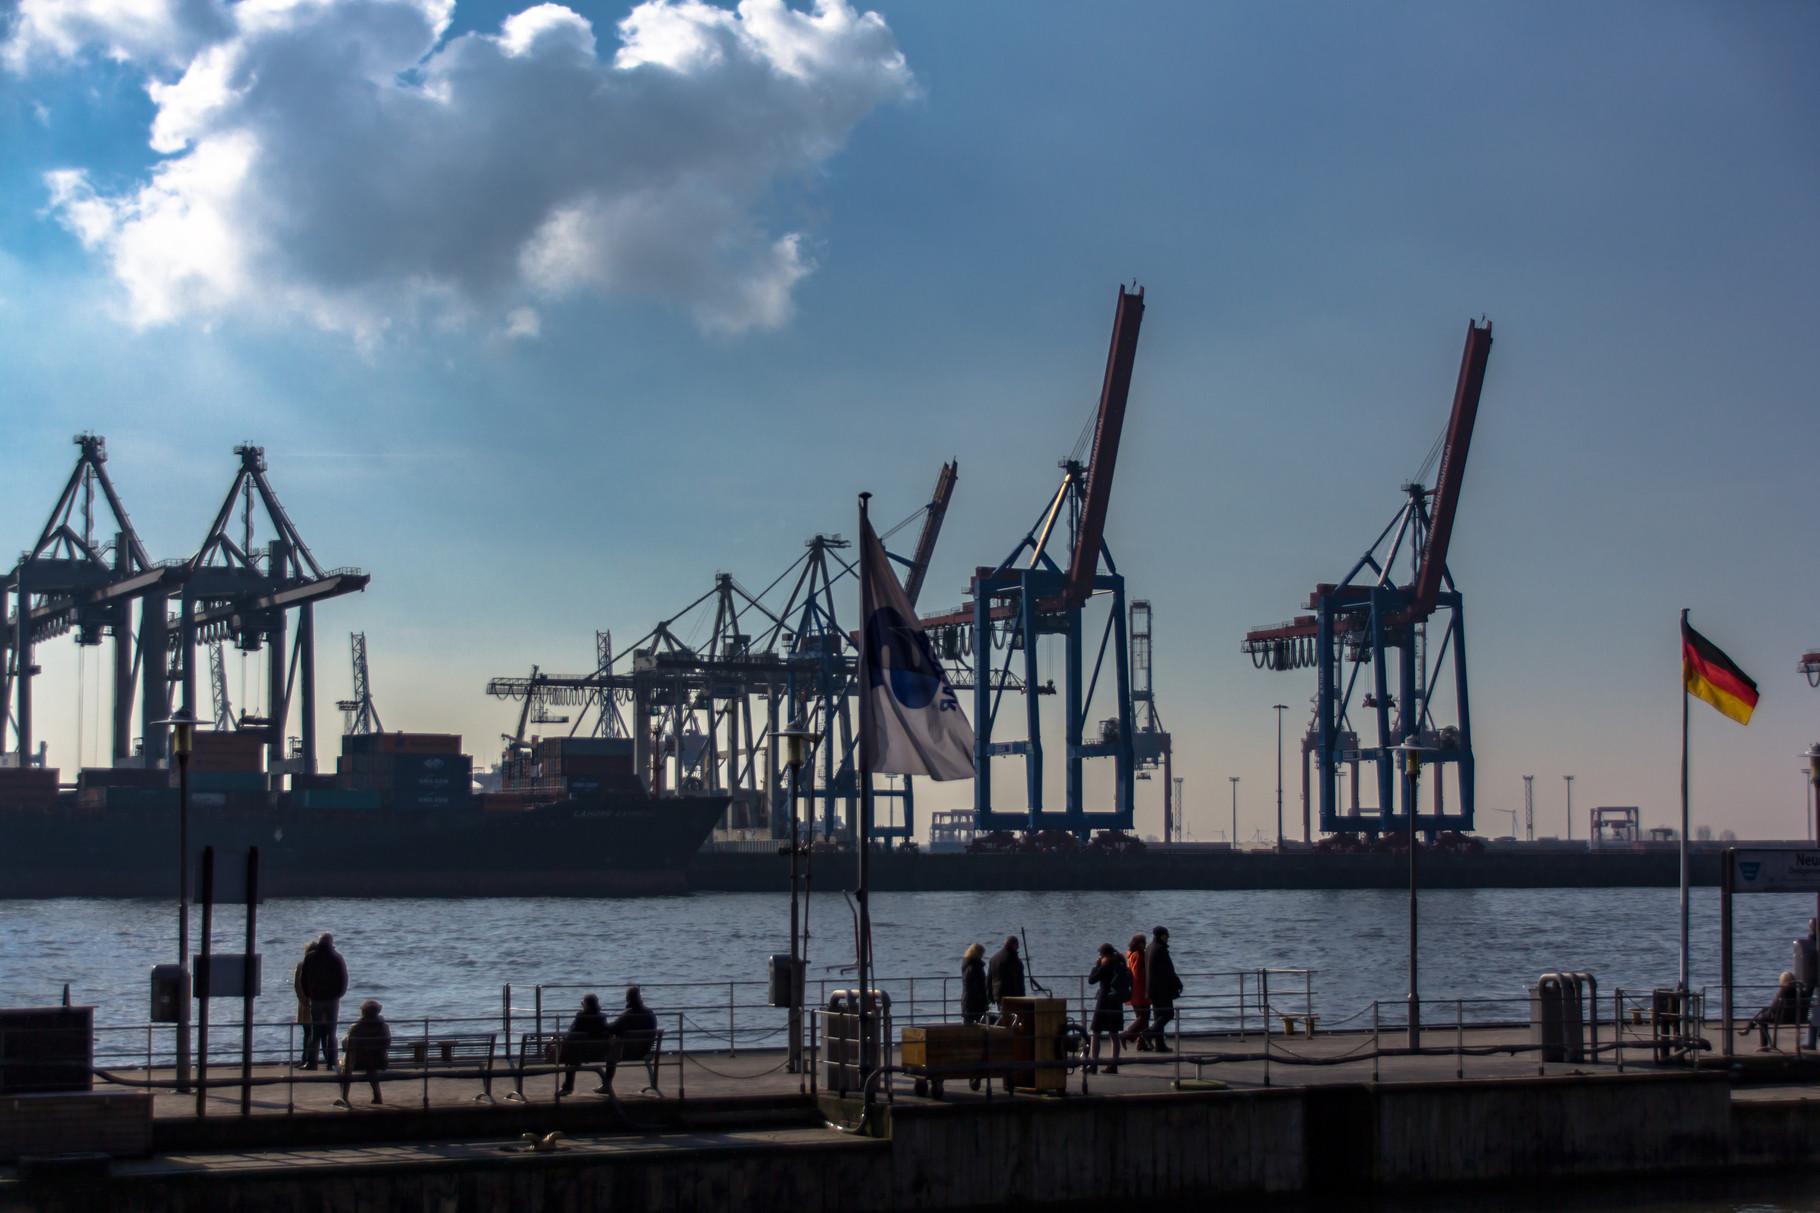 09_Hamburg - Elbstrand mit Blick auf Containerhafen.